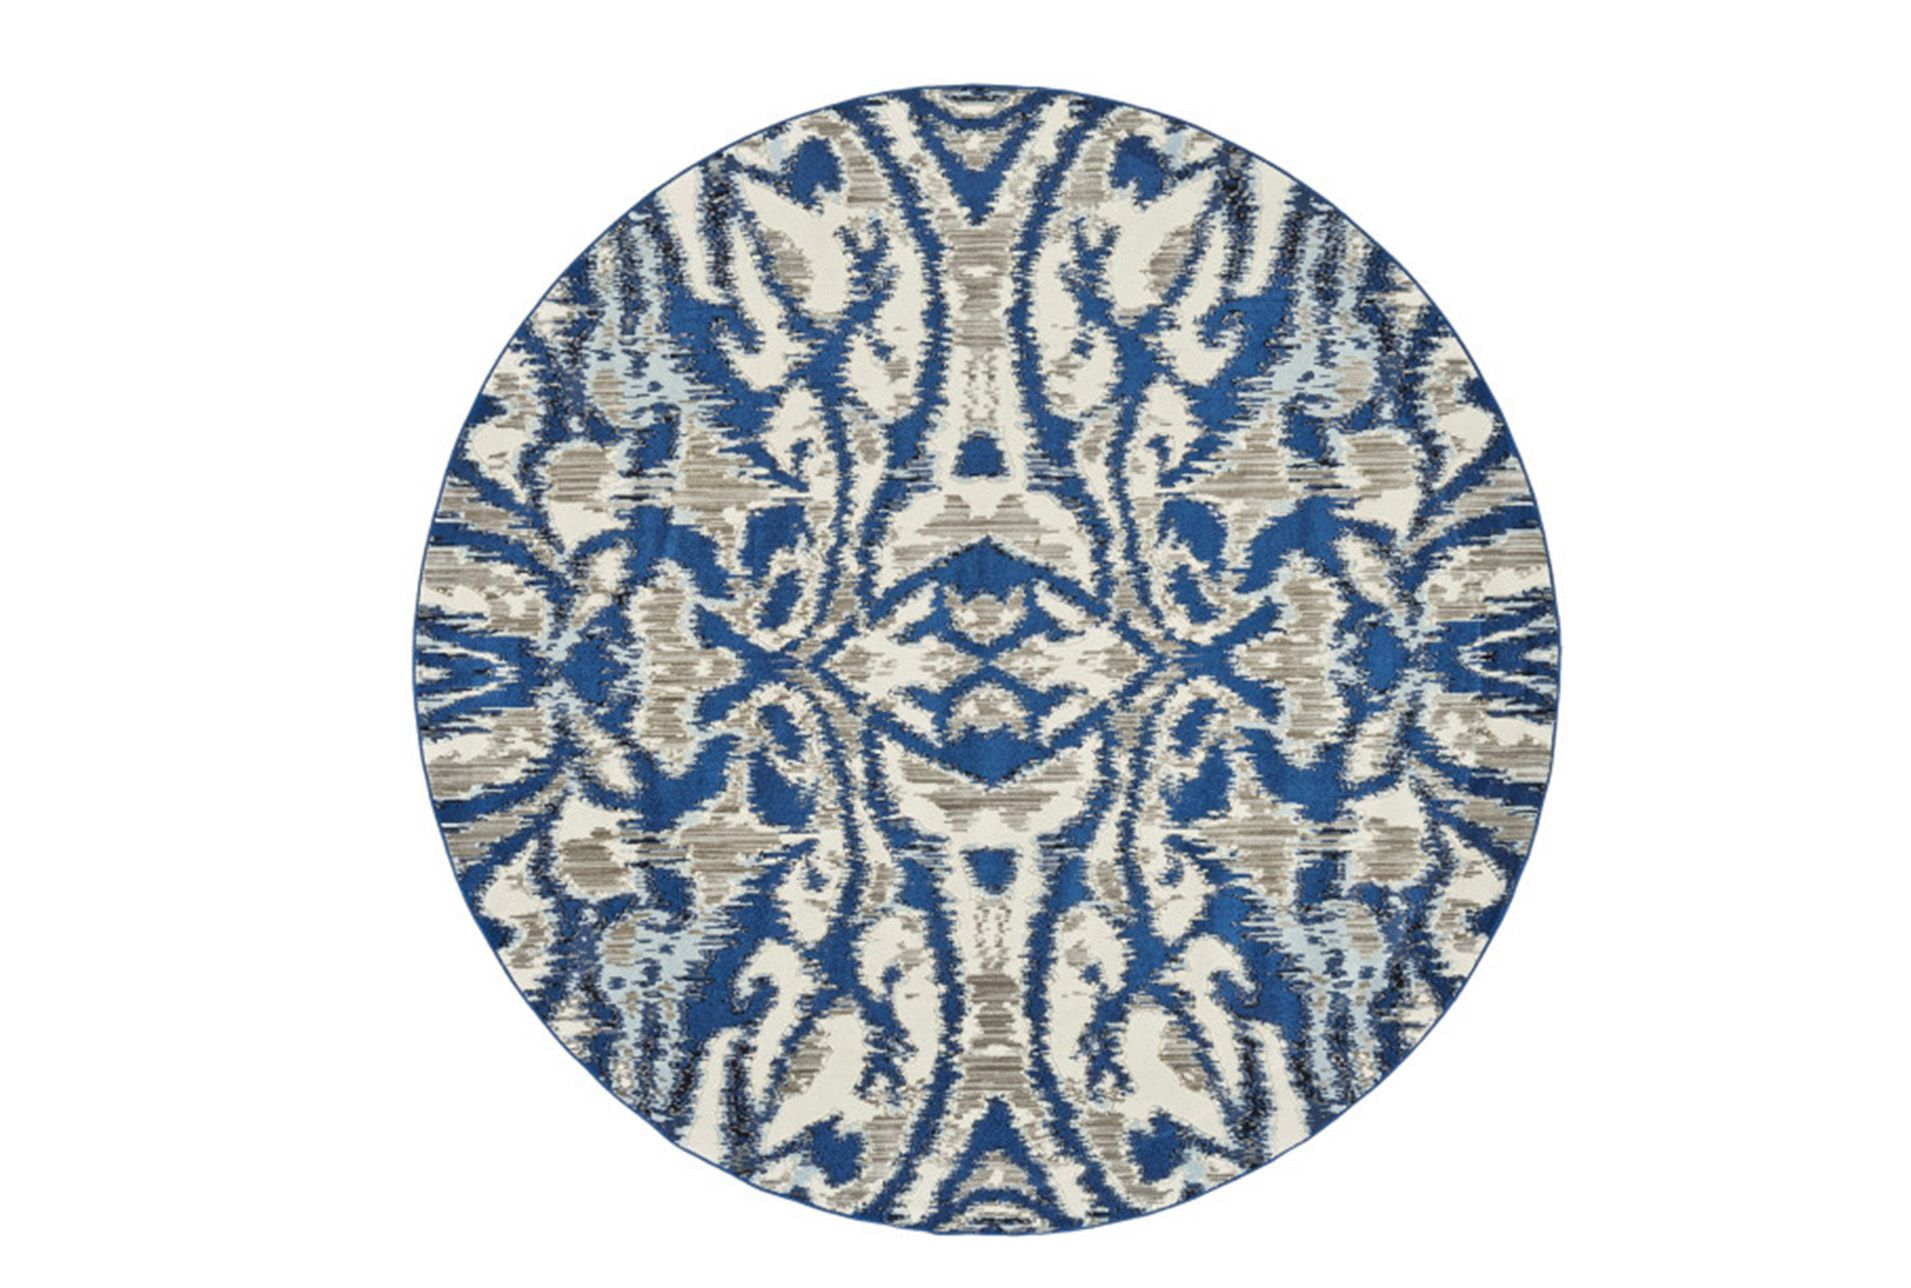 Round Rug Royal Blue Kaleidoscope Damask 495 Round Rugs Rugs Damask